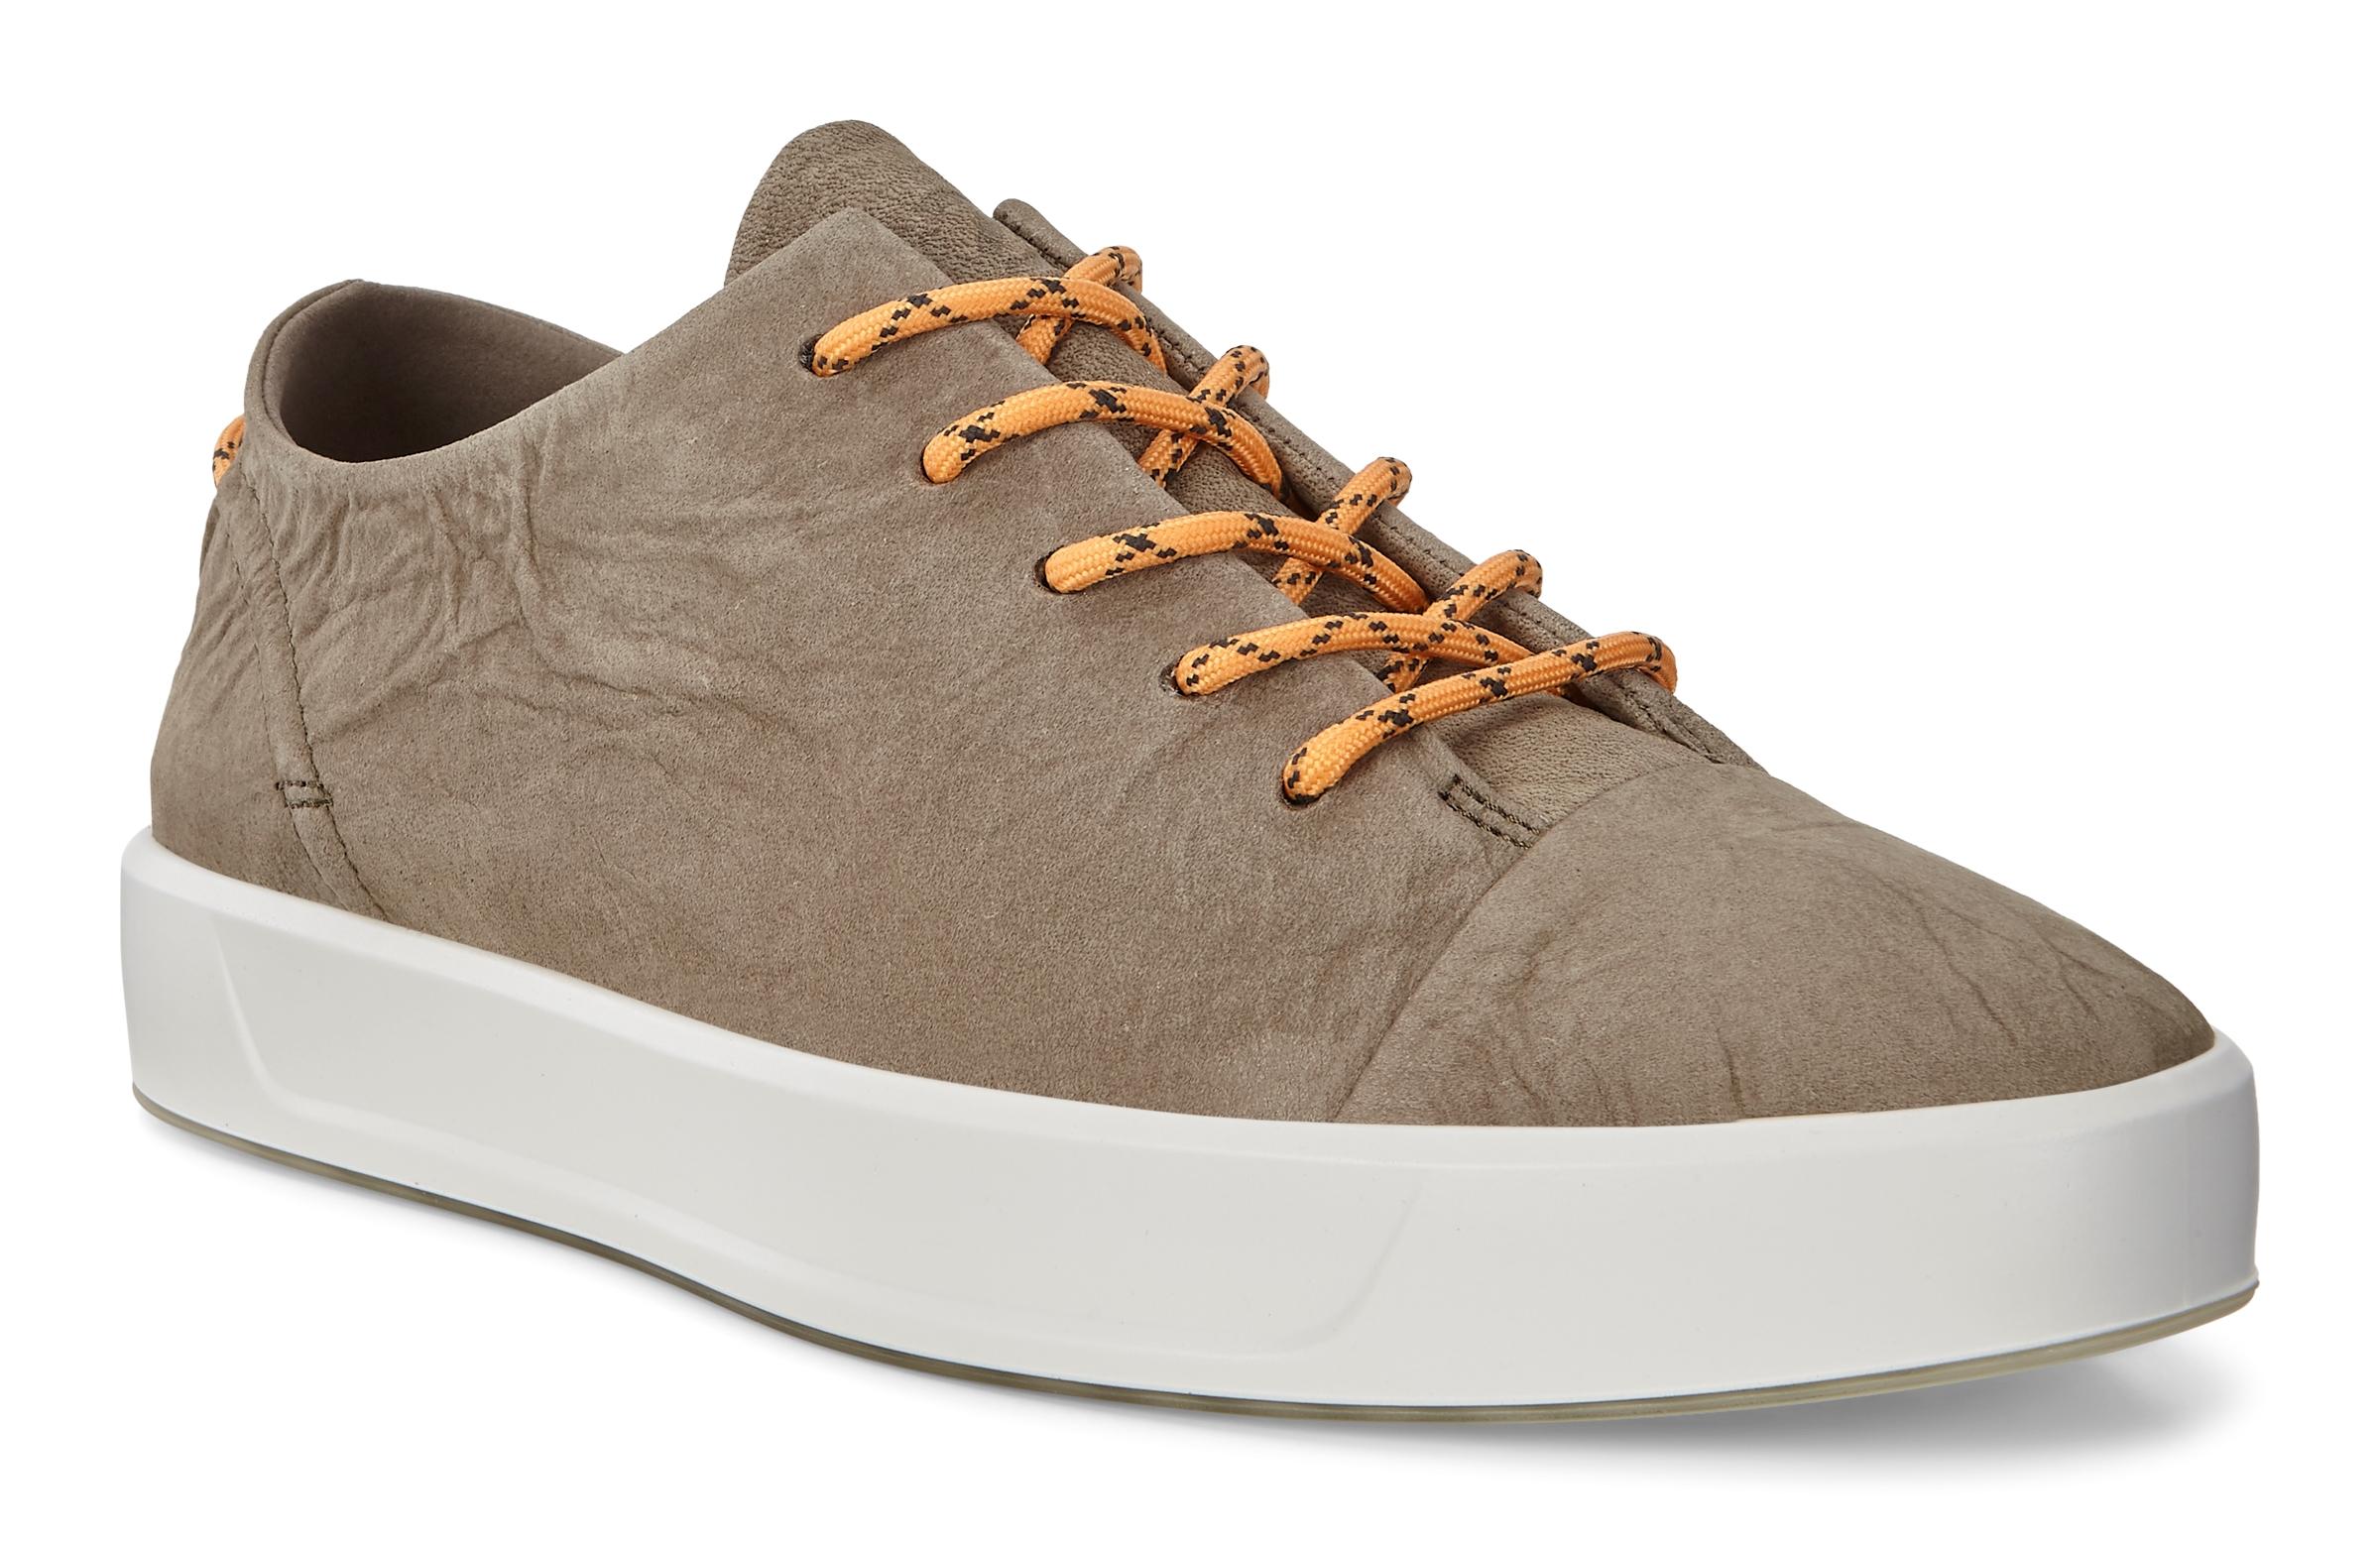 Chaussures Pour Le Sur Ecco® Officiel HommesAchetez Site D9E2eWHIY